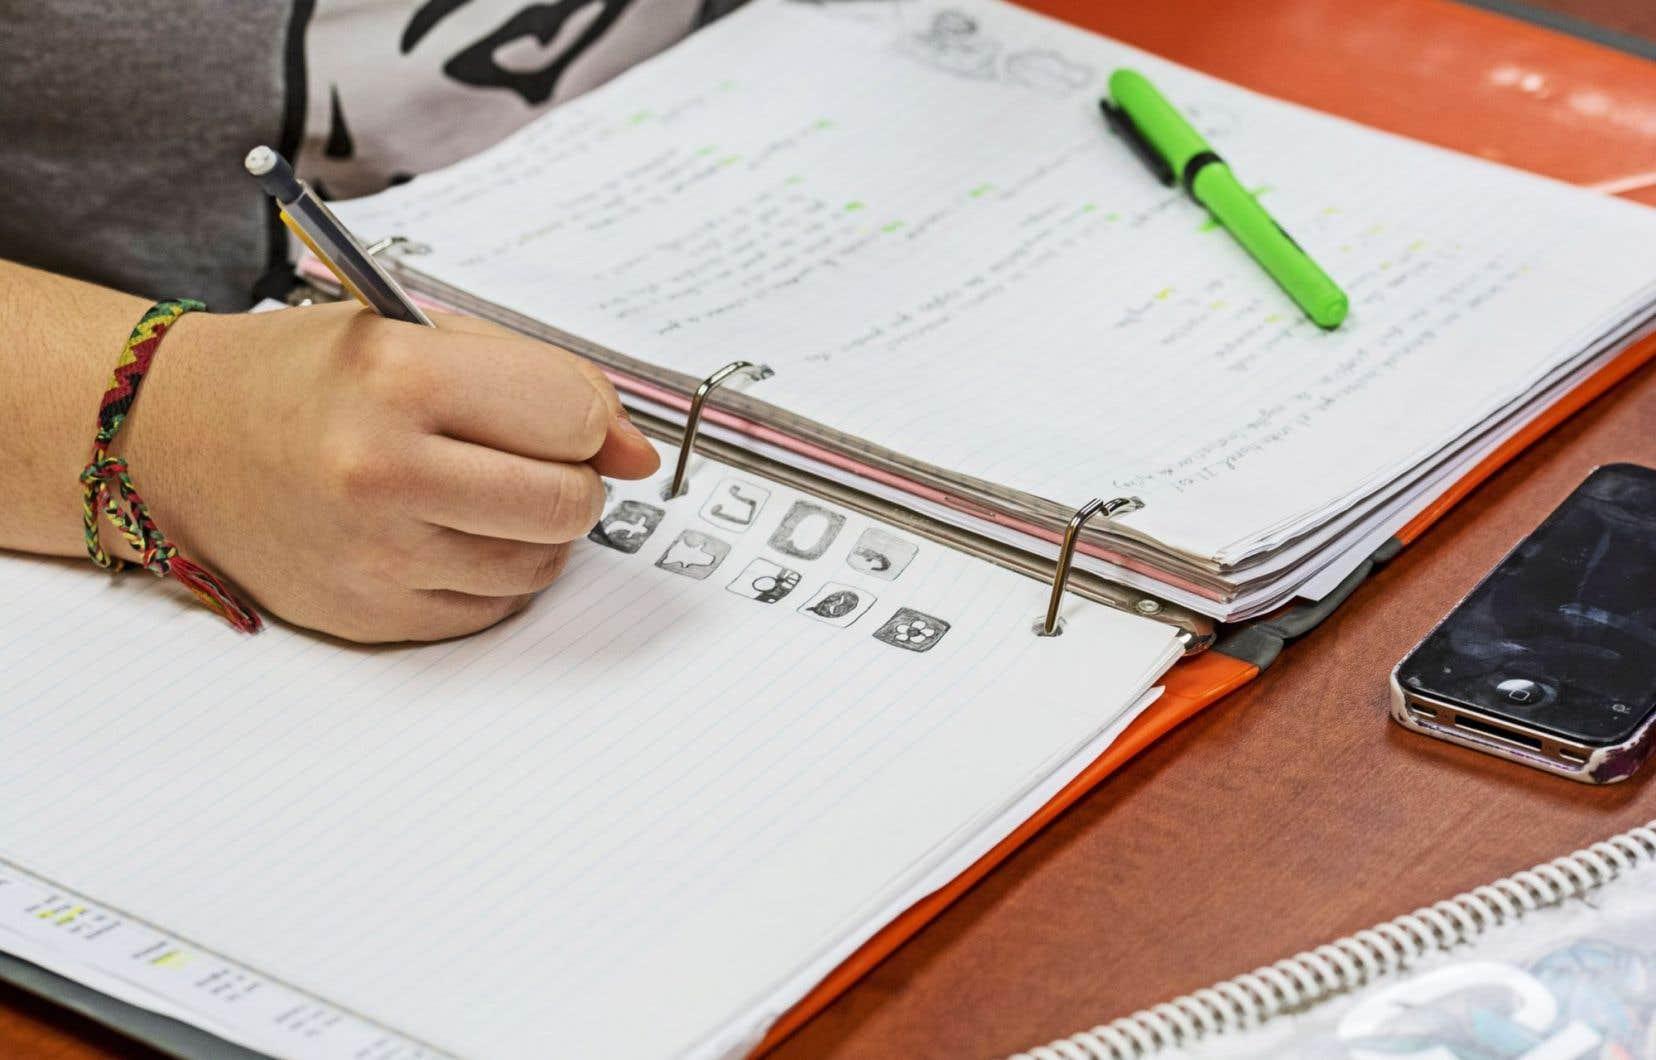 Prendre des notes en écoutant un discours oral représente une excellente technique d'apprentissage.